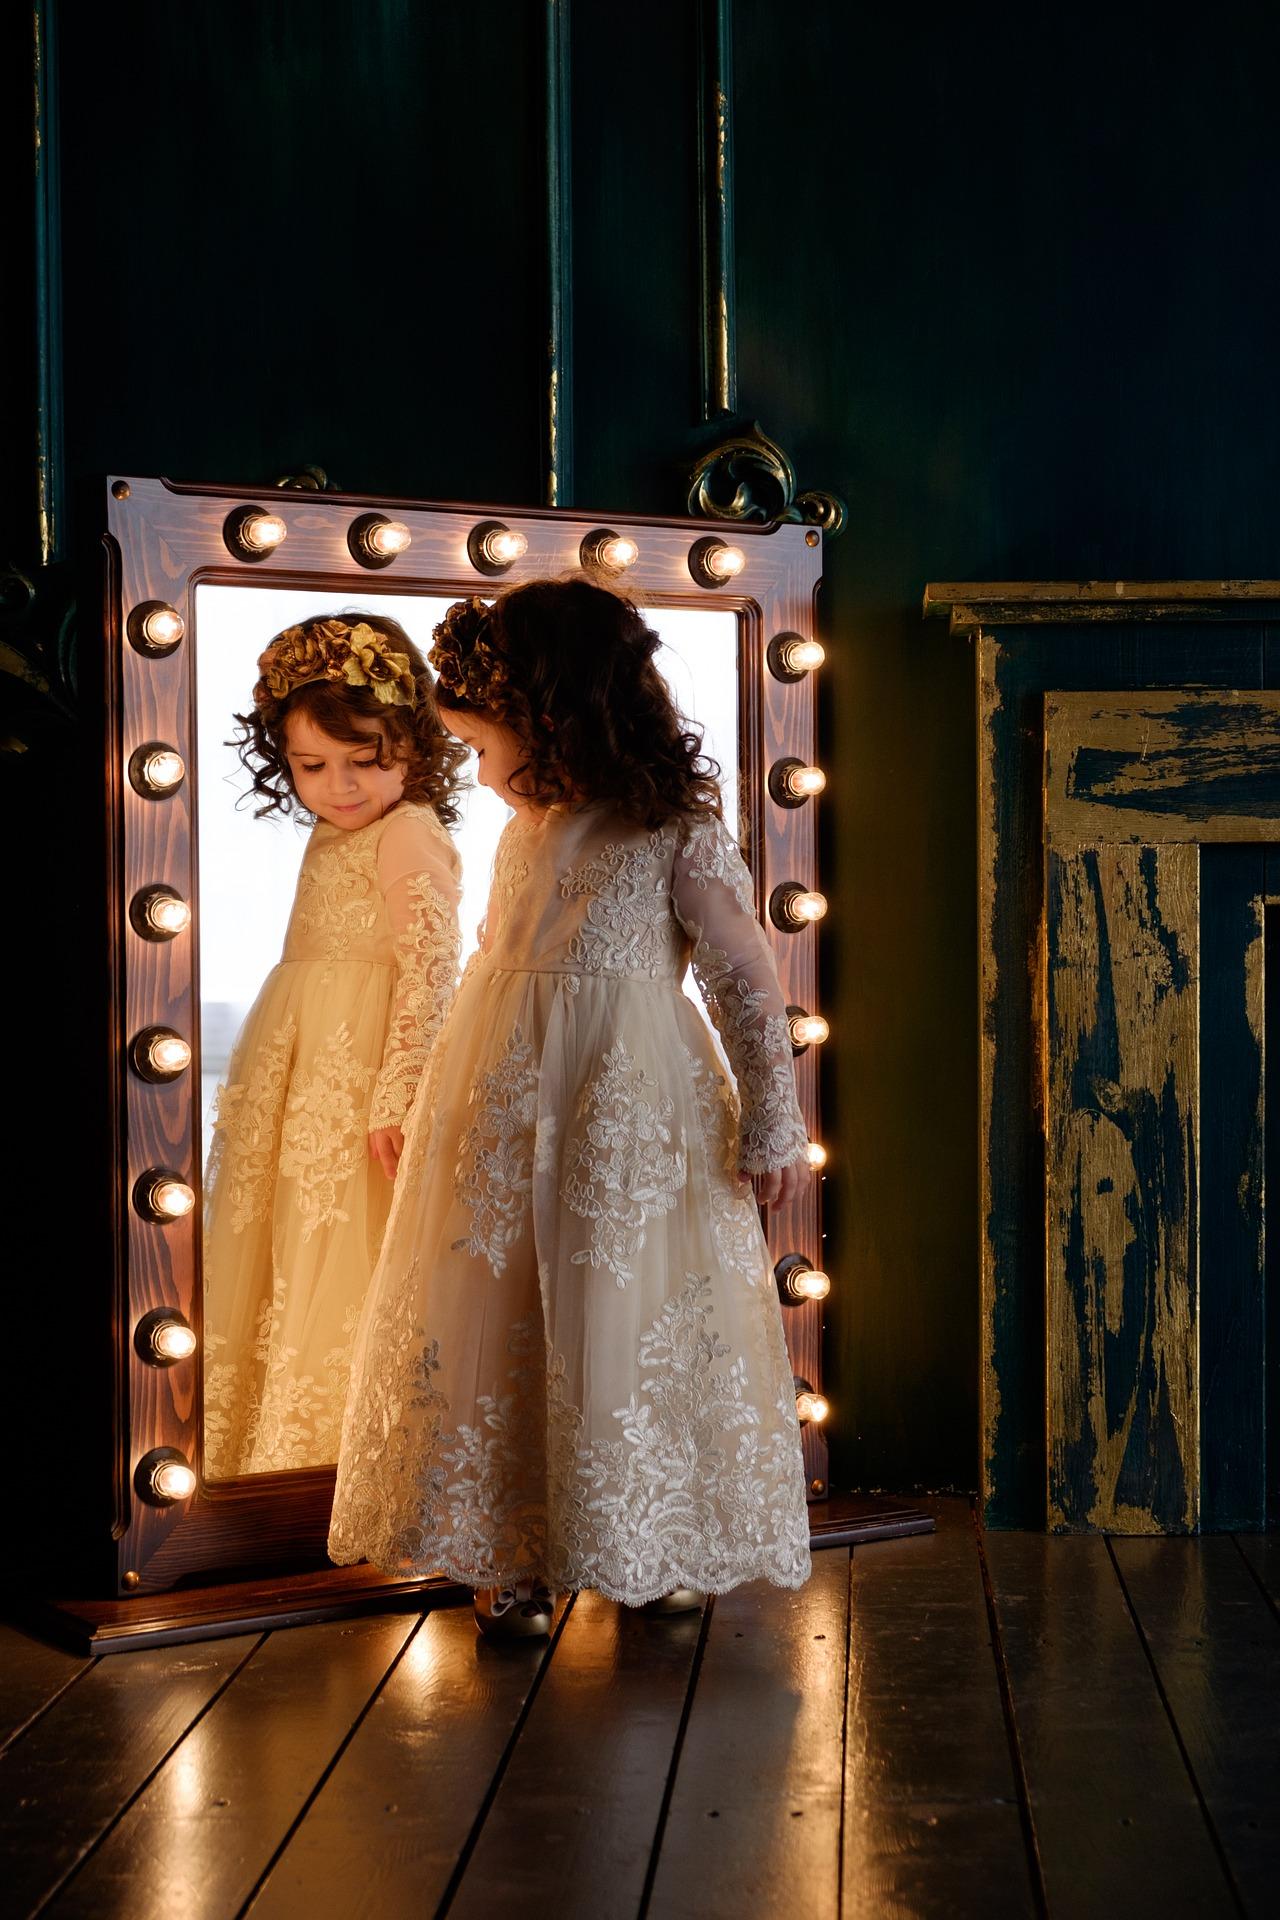 bambina specchio.